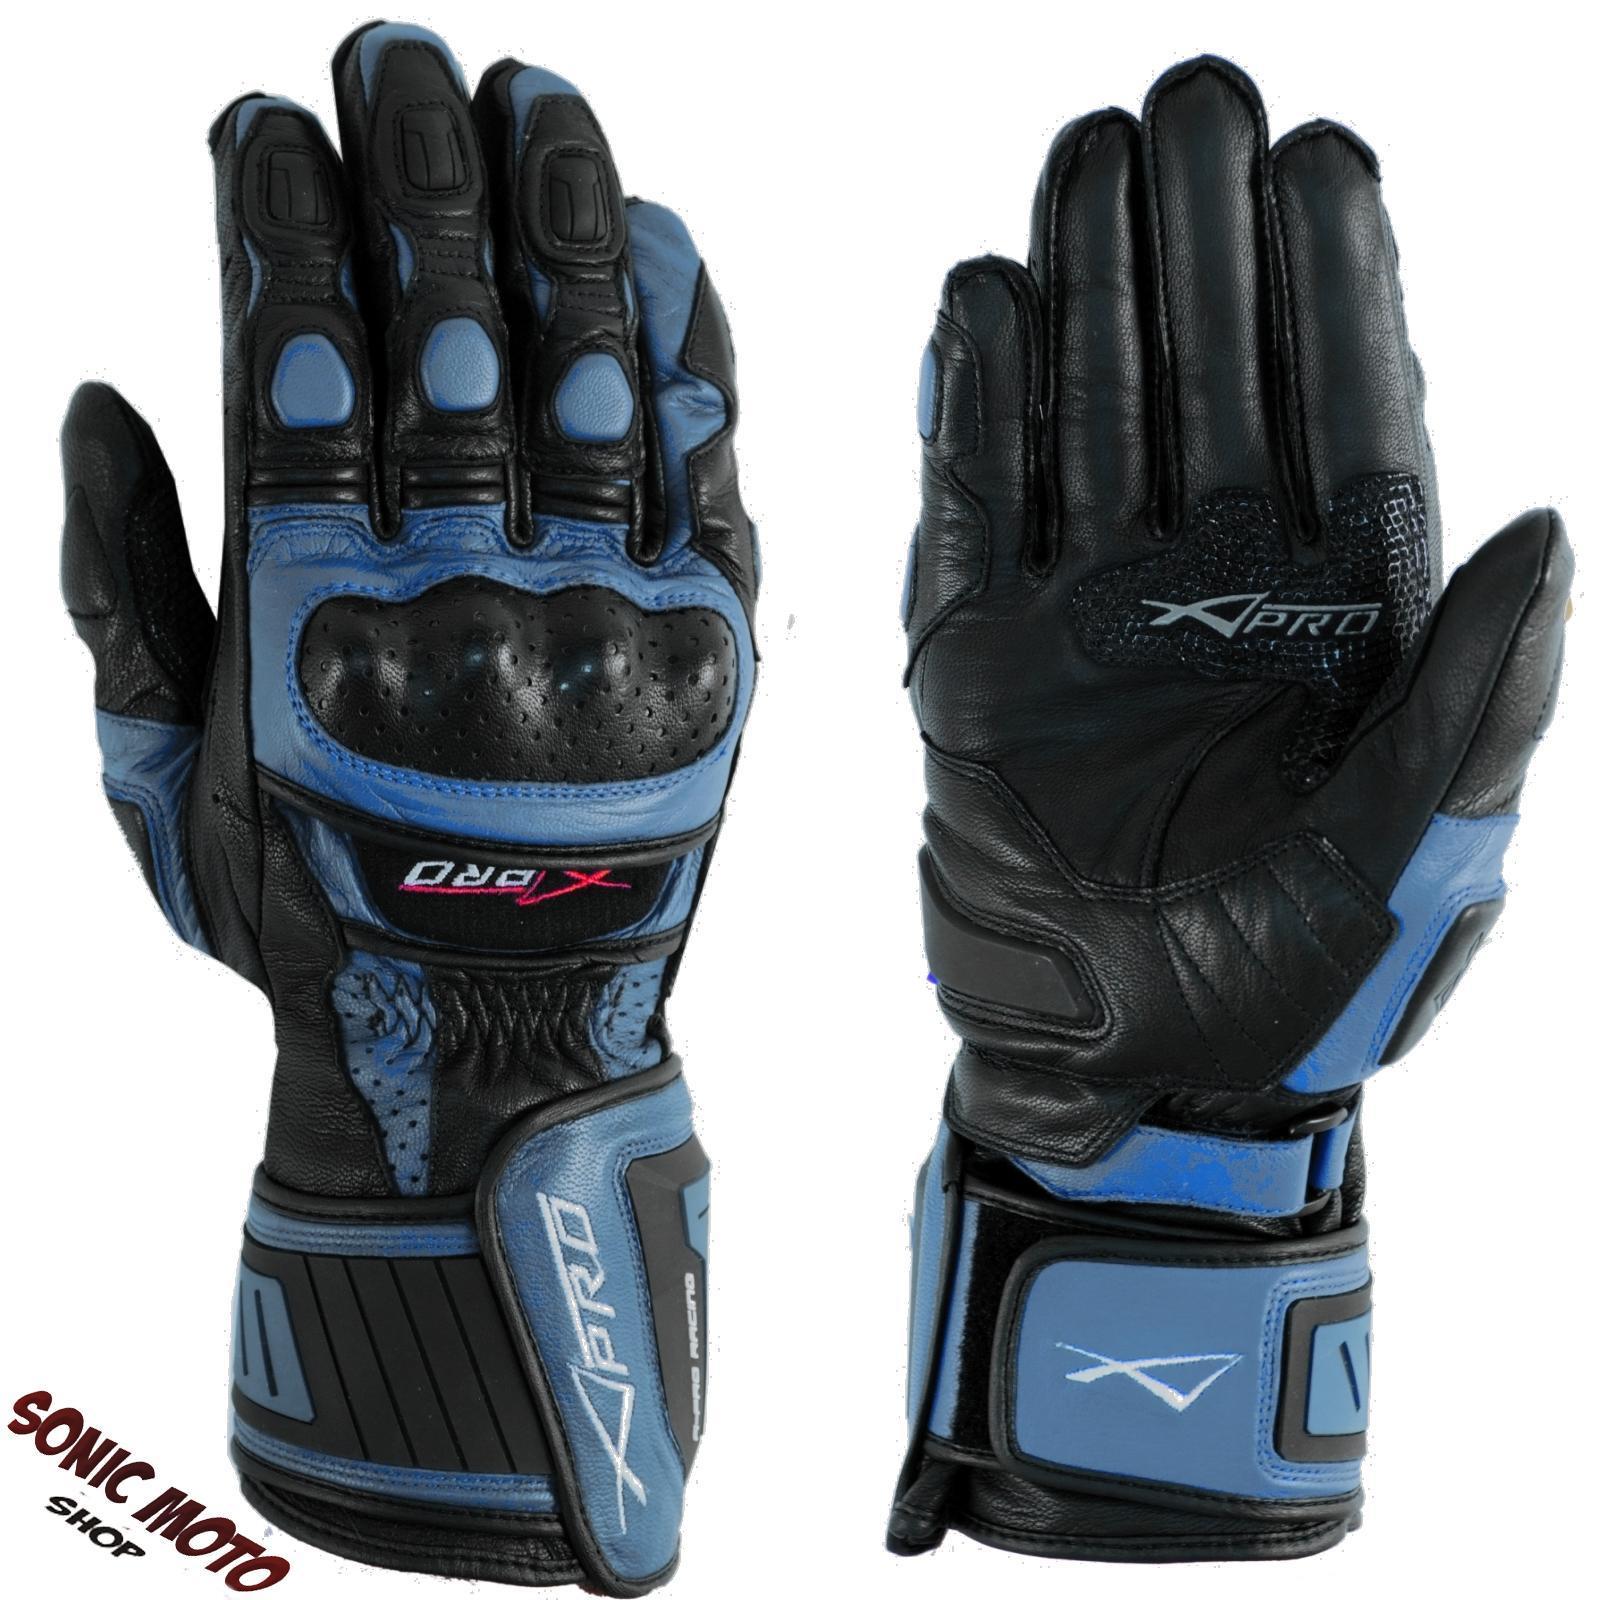 Guantes-Track-Racing-Sport-Protecciones-Tecnico-Profesional-Piel-Moto-Azul